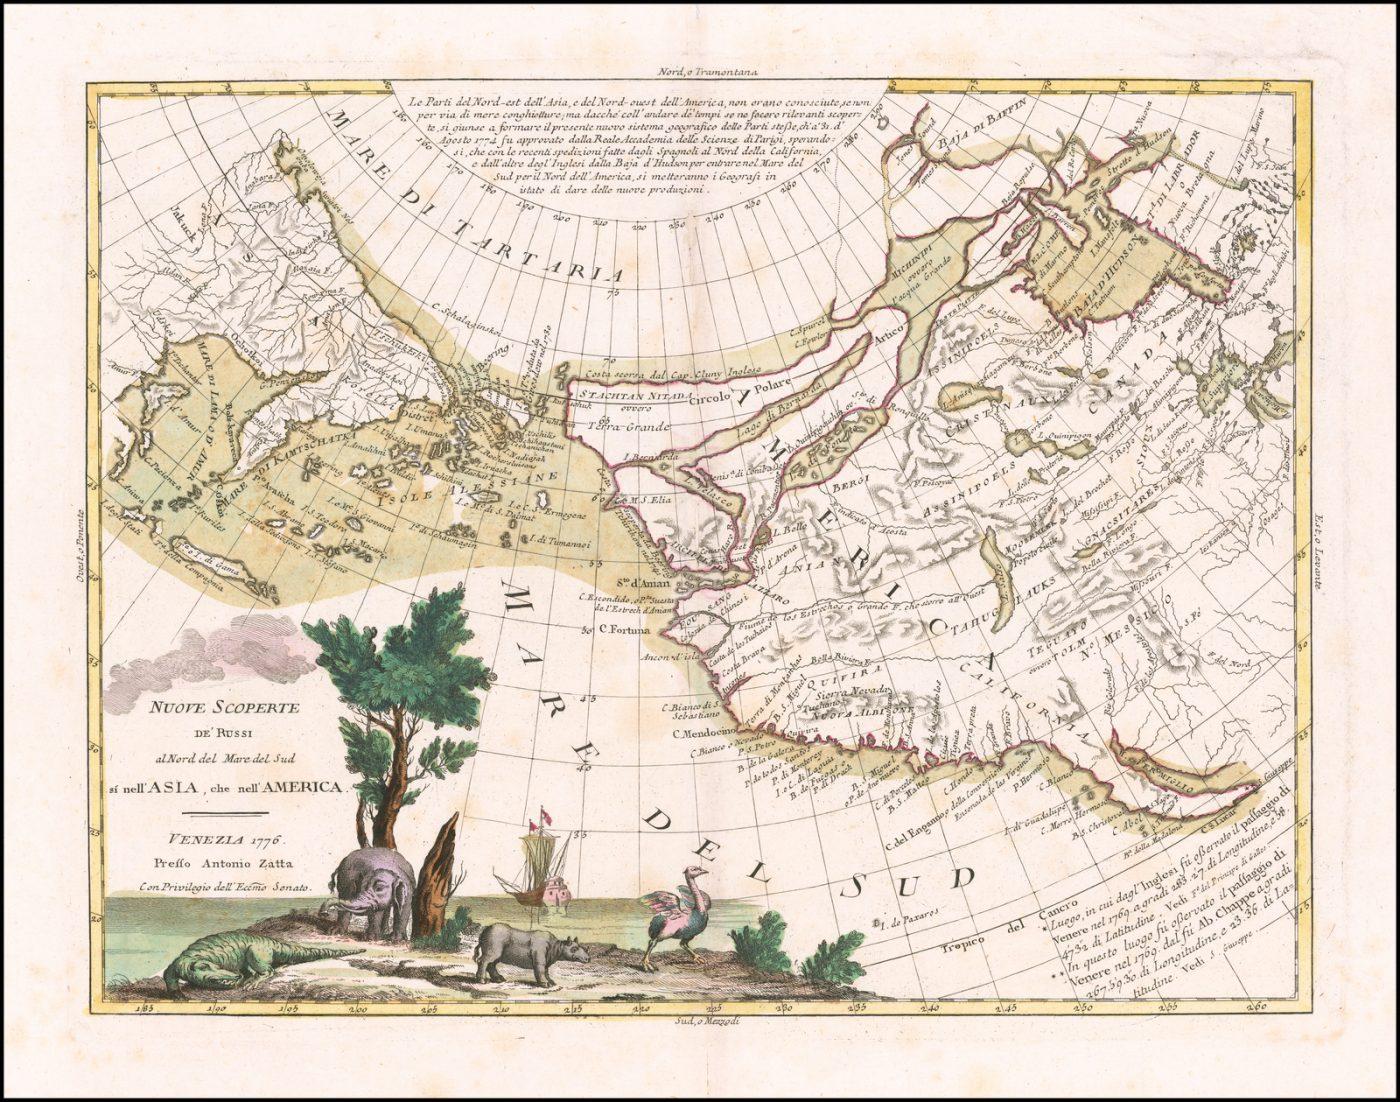 Карта северного побережья Тихого океана, составленной Заттой, и одна из лучших иллюстраций позднего варианта Северо-Западного прохода, иллюстрирующая два широких прохода от Тихого океана до Гудзонова залива